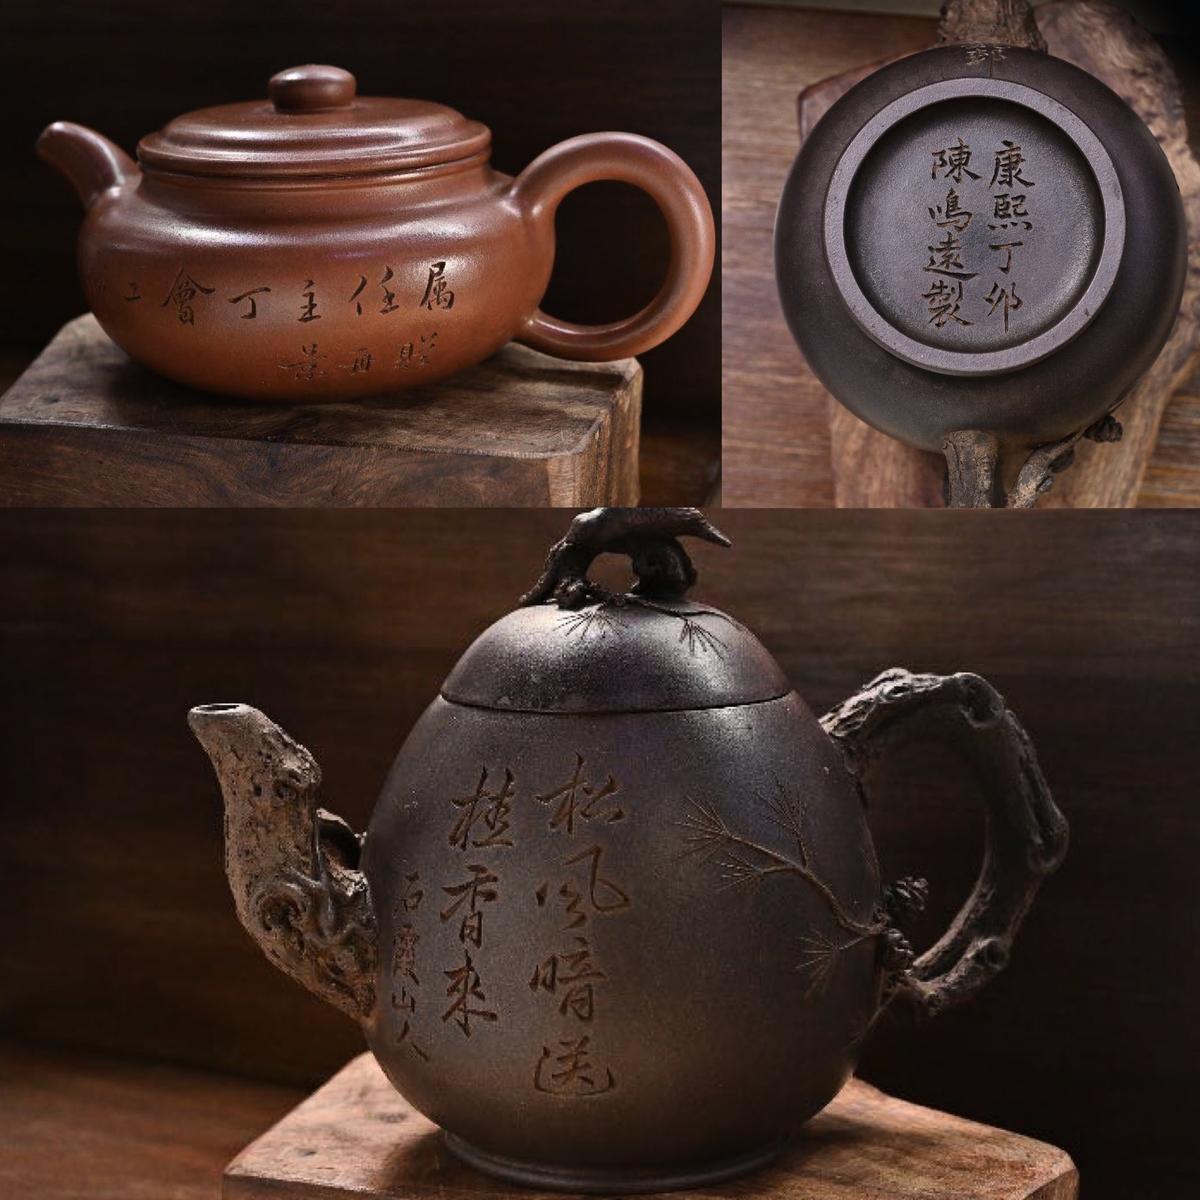 東豐號:有緣珍惜茶壼愛好者可得八折優惠。另外:雲南下關茶磚1973年珍藏版250克,港幣$1800。